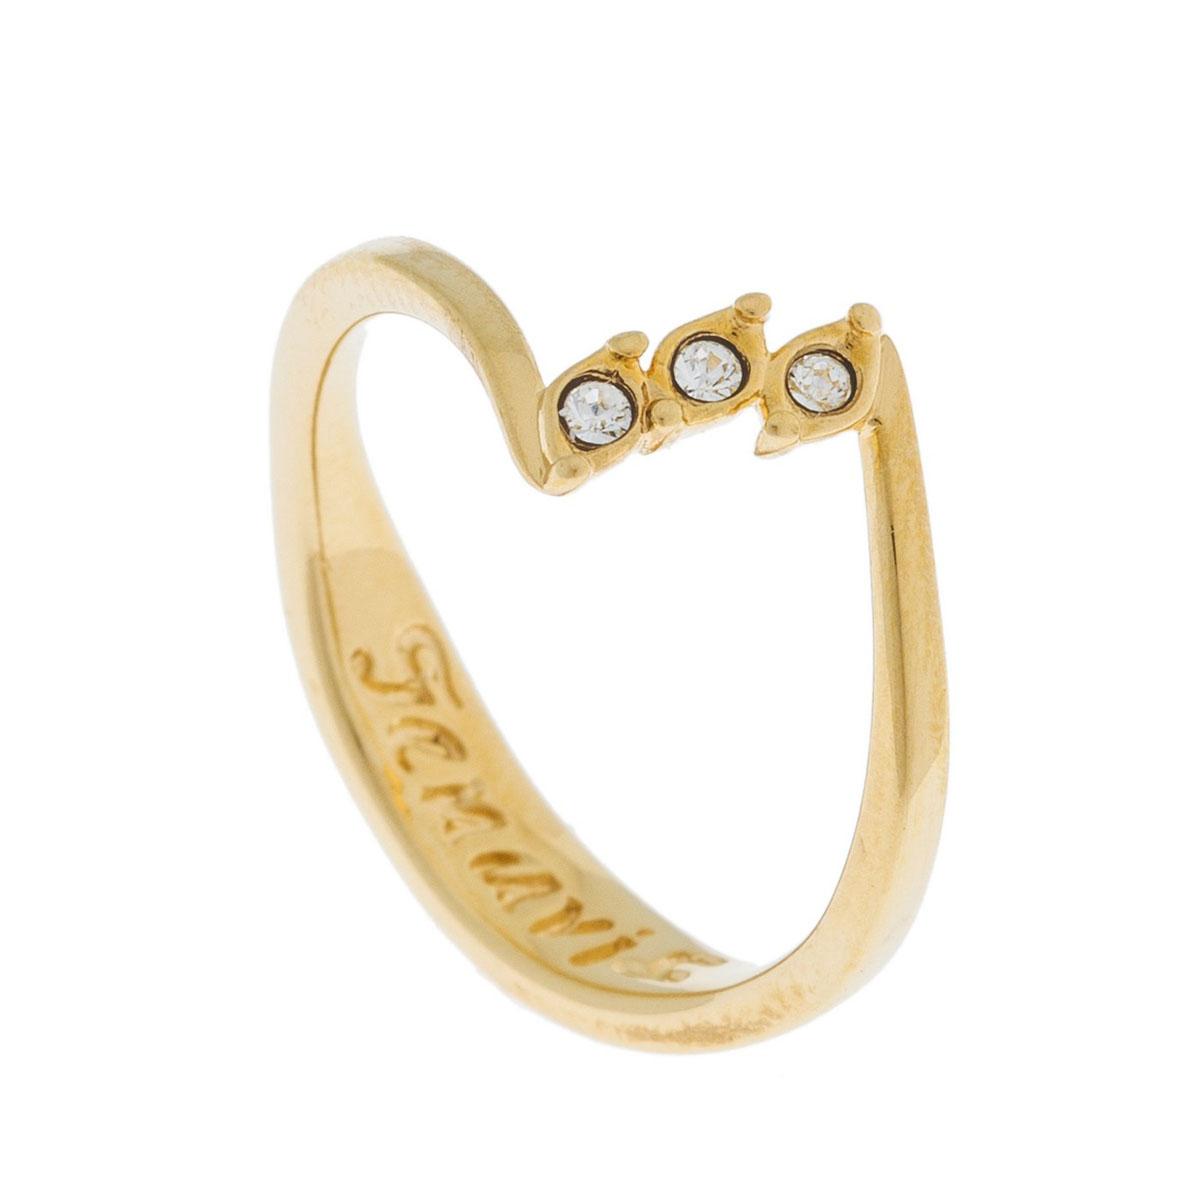 Кольцо Jenavi Эя, цвет: золотой, белый. k495p000. Размер 17k495p000Коллекция Э, Эя (Кольцо) гипоаллергенный ювелирный сплав,Позолота, вставка Кристаллы Swarovski